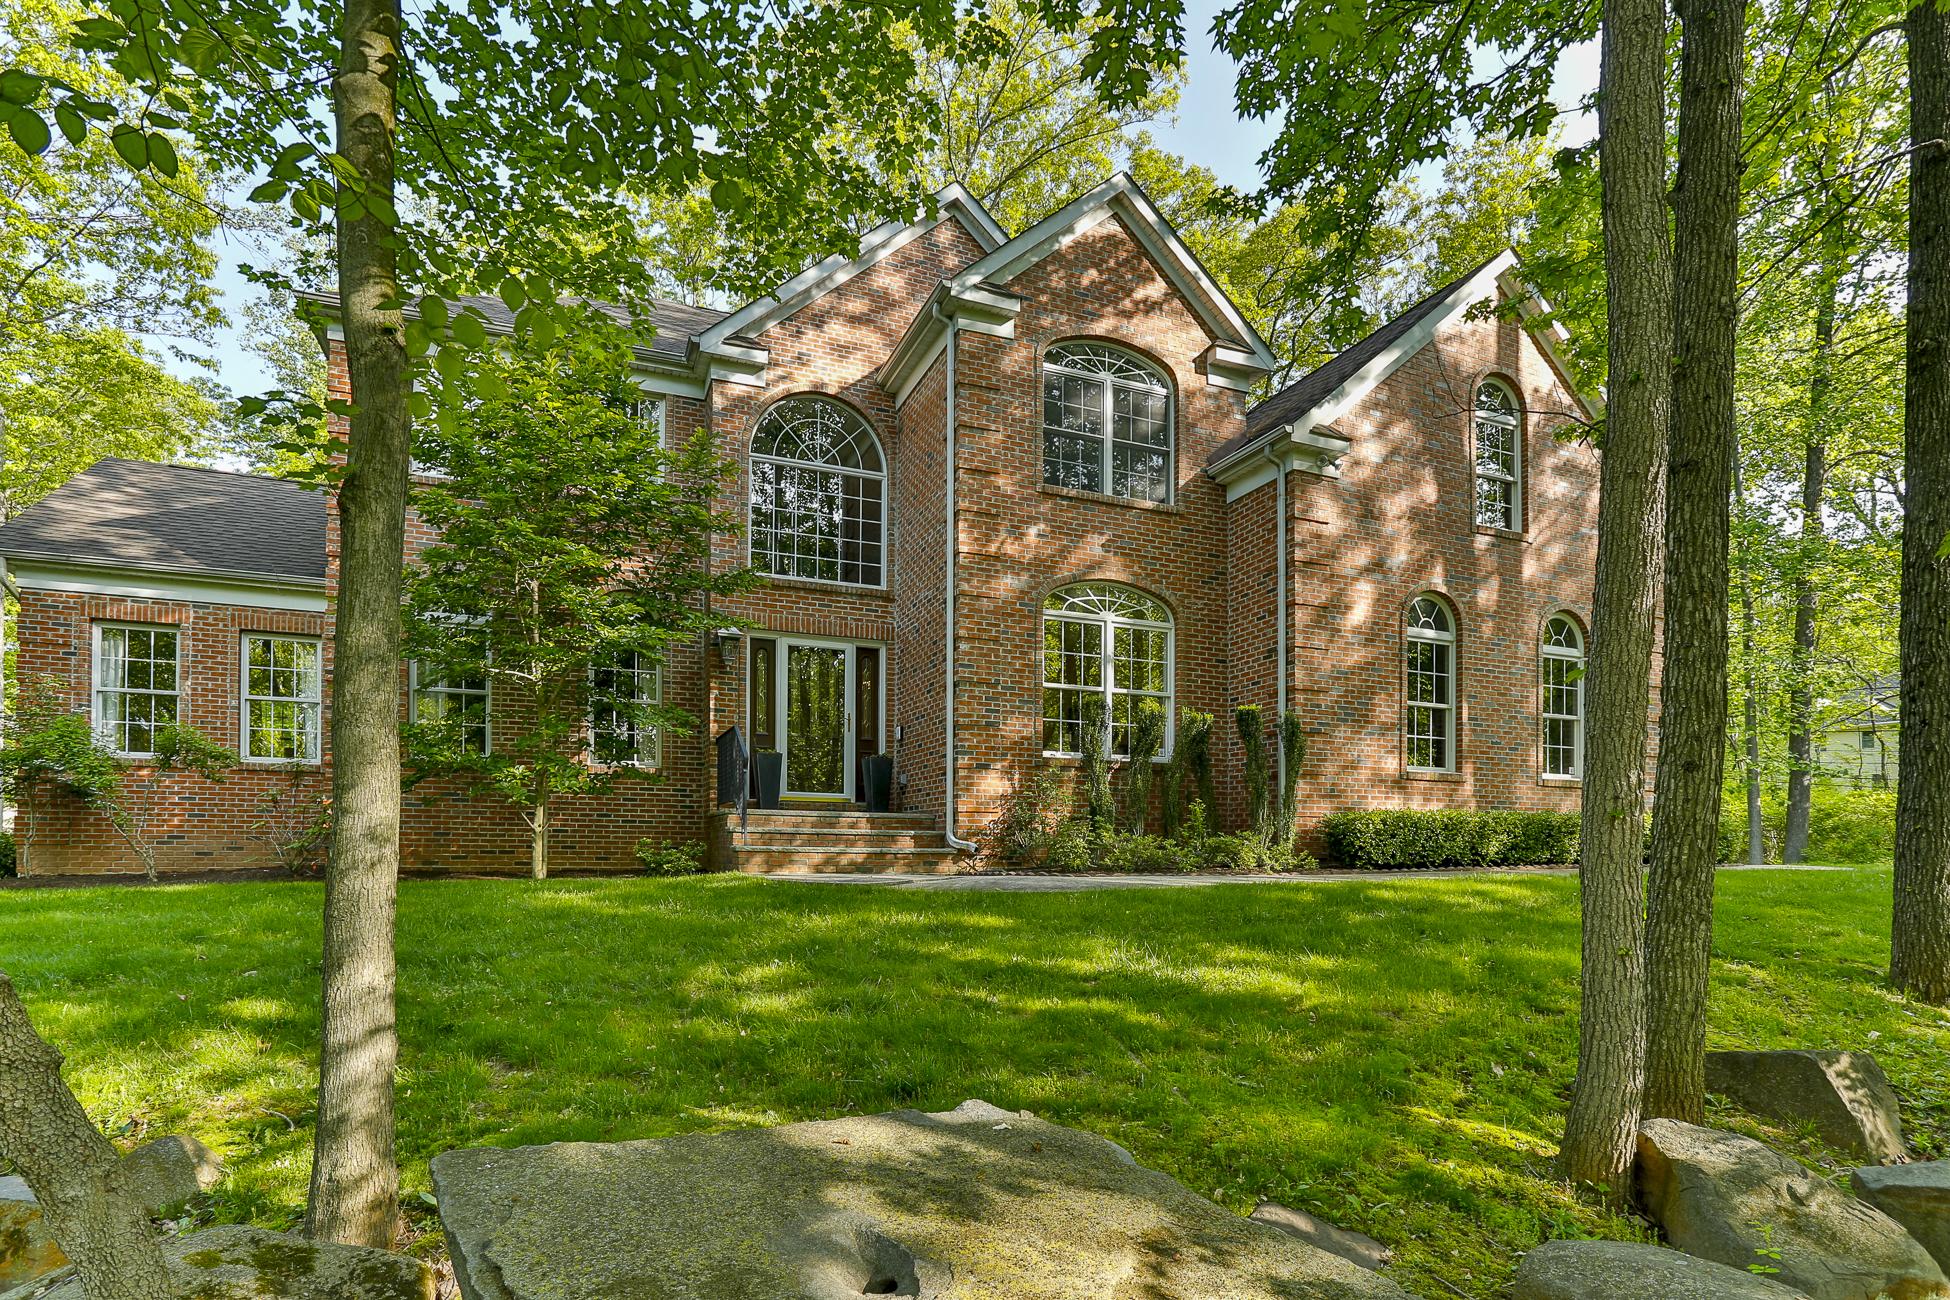 独户住宅 为 销售 在 A Contemporary Colonial Near Heart of Princeton 364 Mount Lucas Road 普林斯顿, 新泽西州, 08540 美国